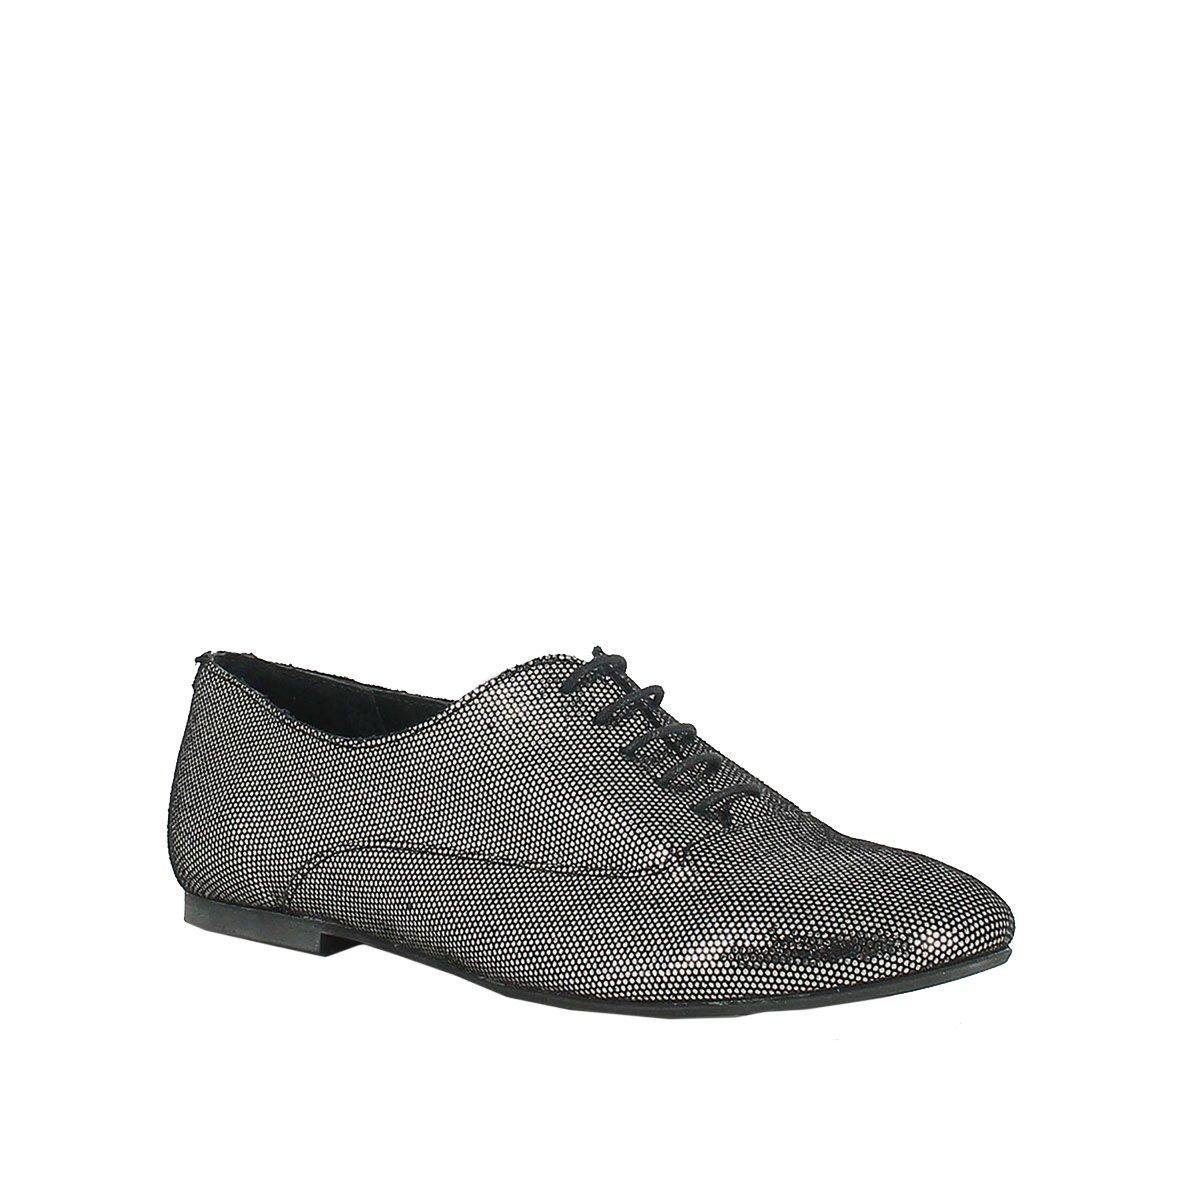 JONAK Womens Metallic Leather Brogues Grey Size 37